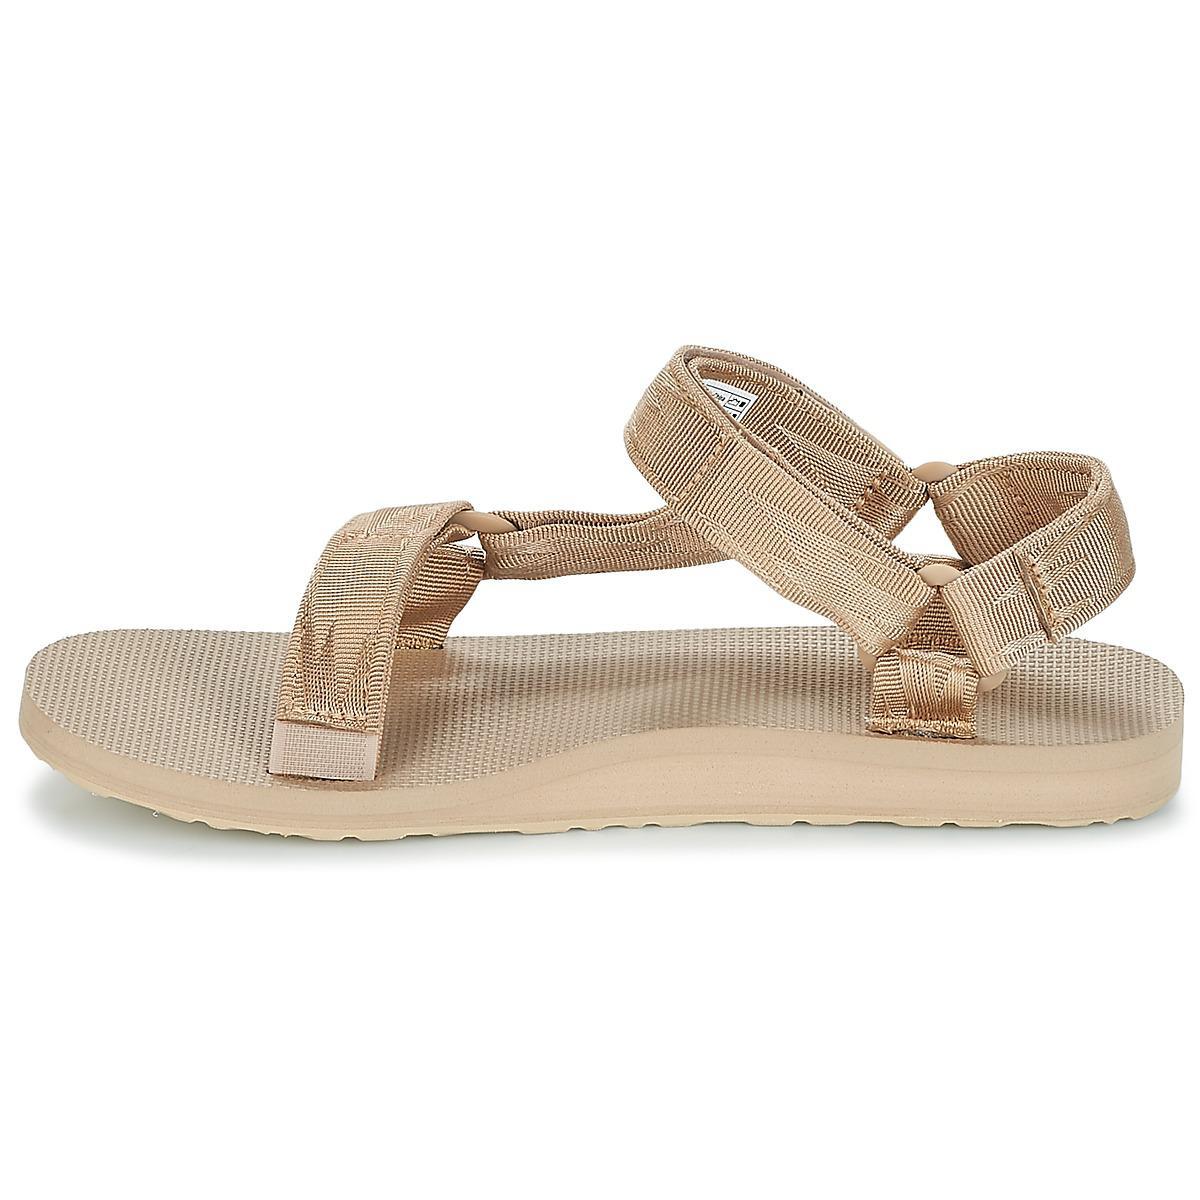 73caf592293d Teva Original Universal Sandals in Natural for Men - Save 30% - Lyst